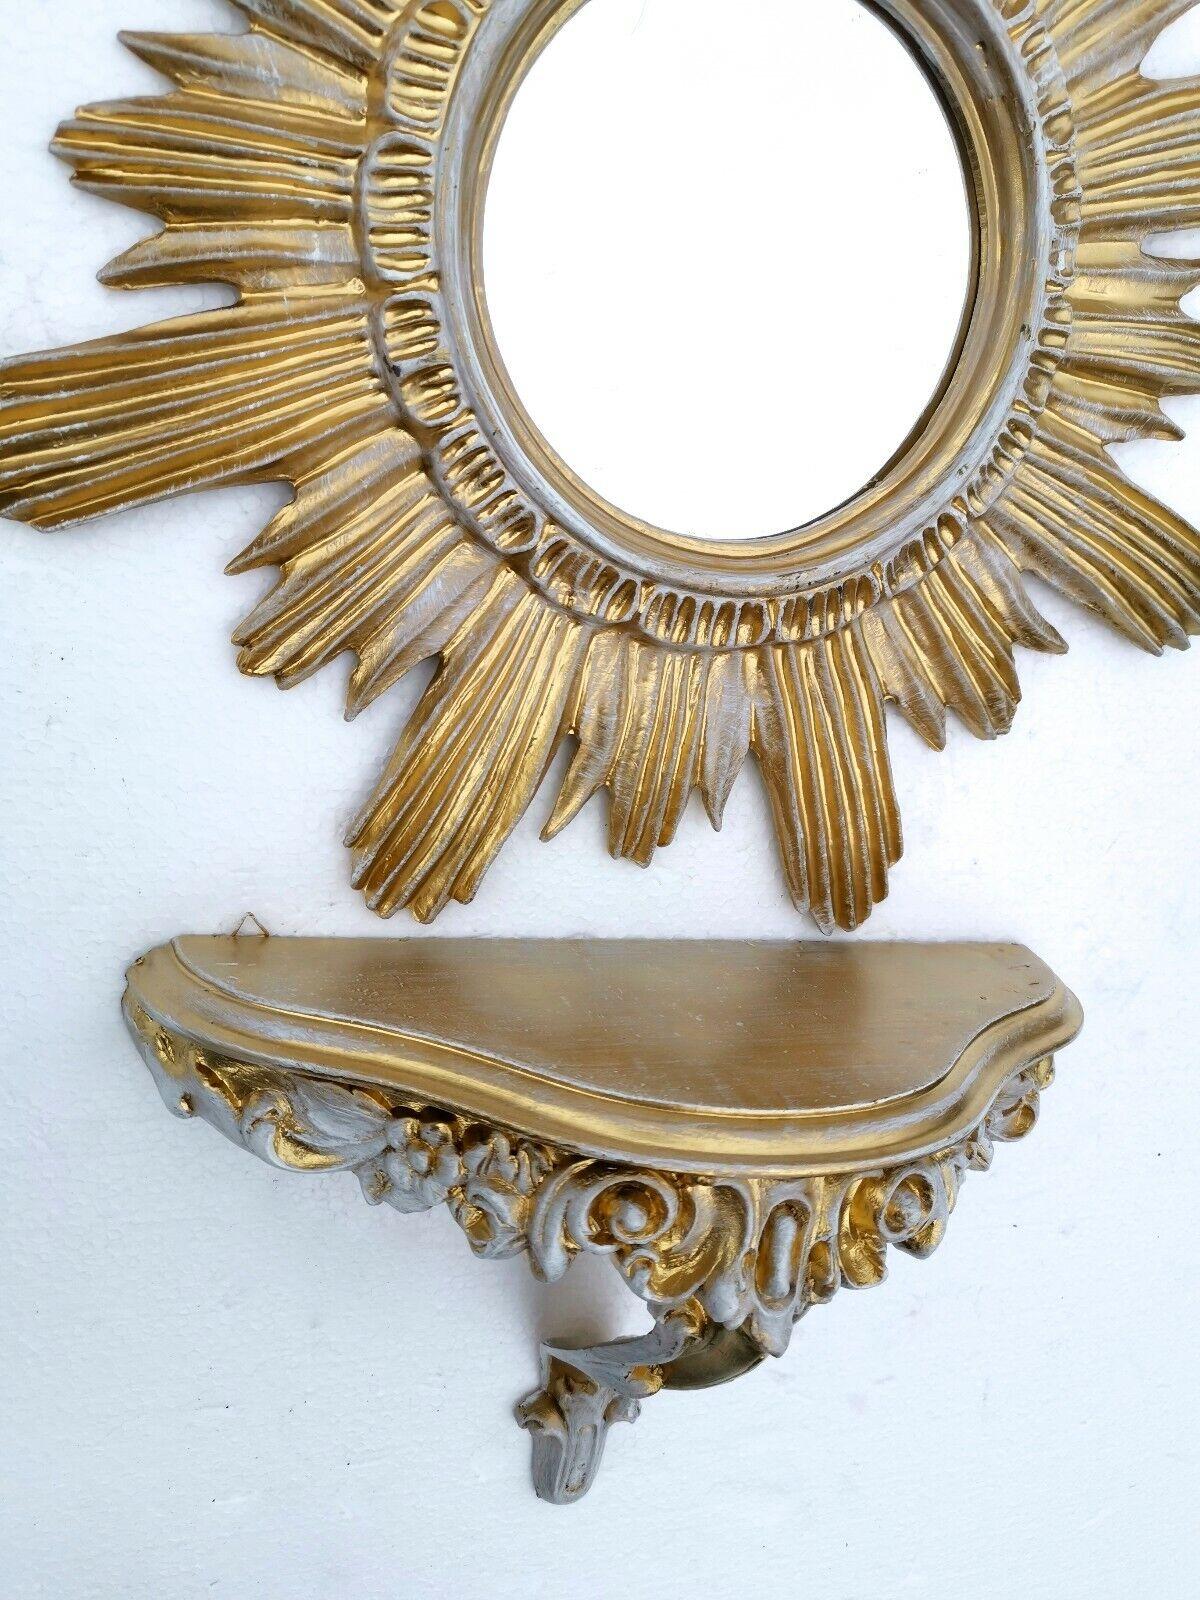 Wandkonsole Silber Wandspiegel Silber Barock 50X76 Wandregal Antik Konsole ORG